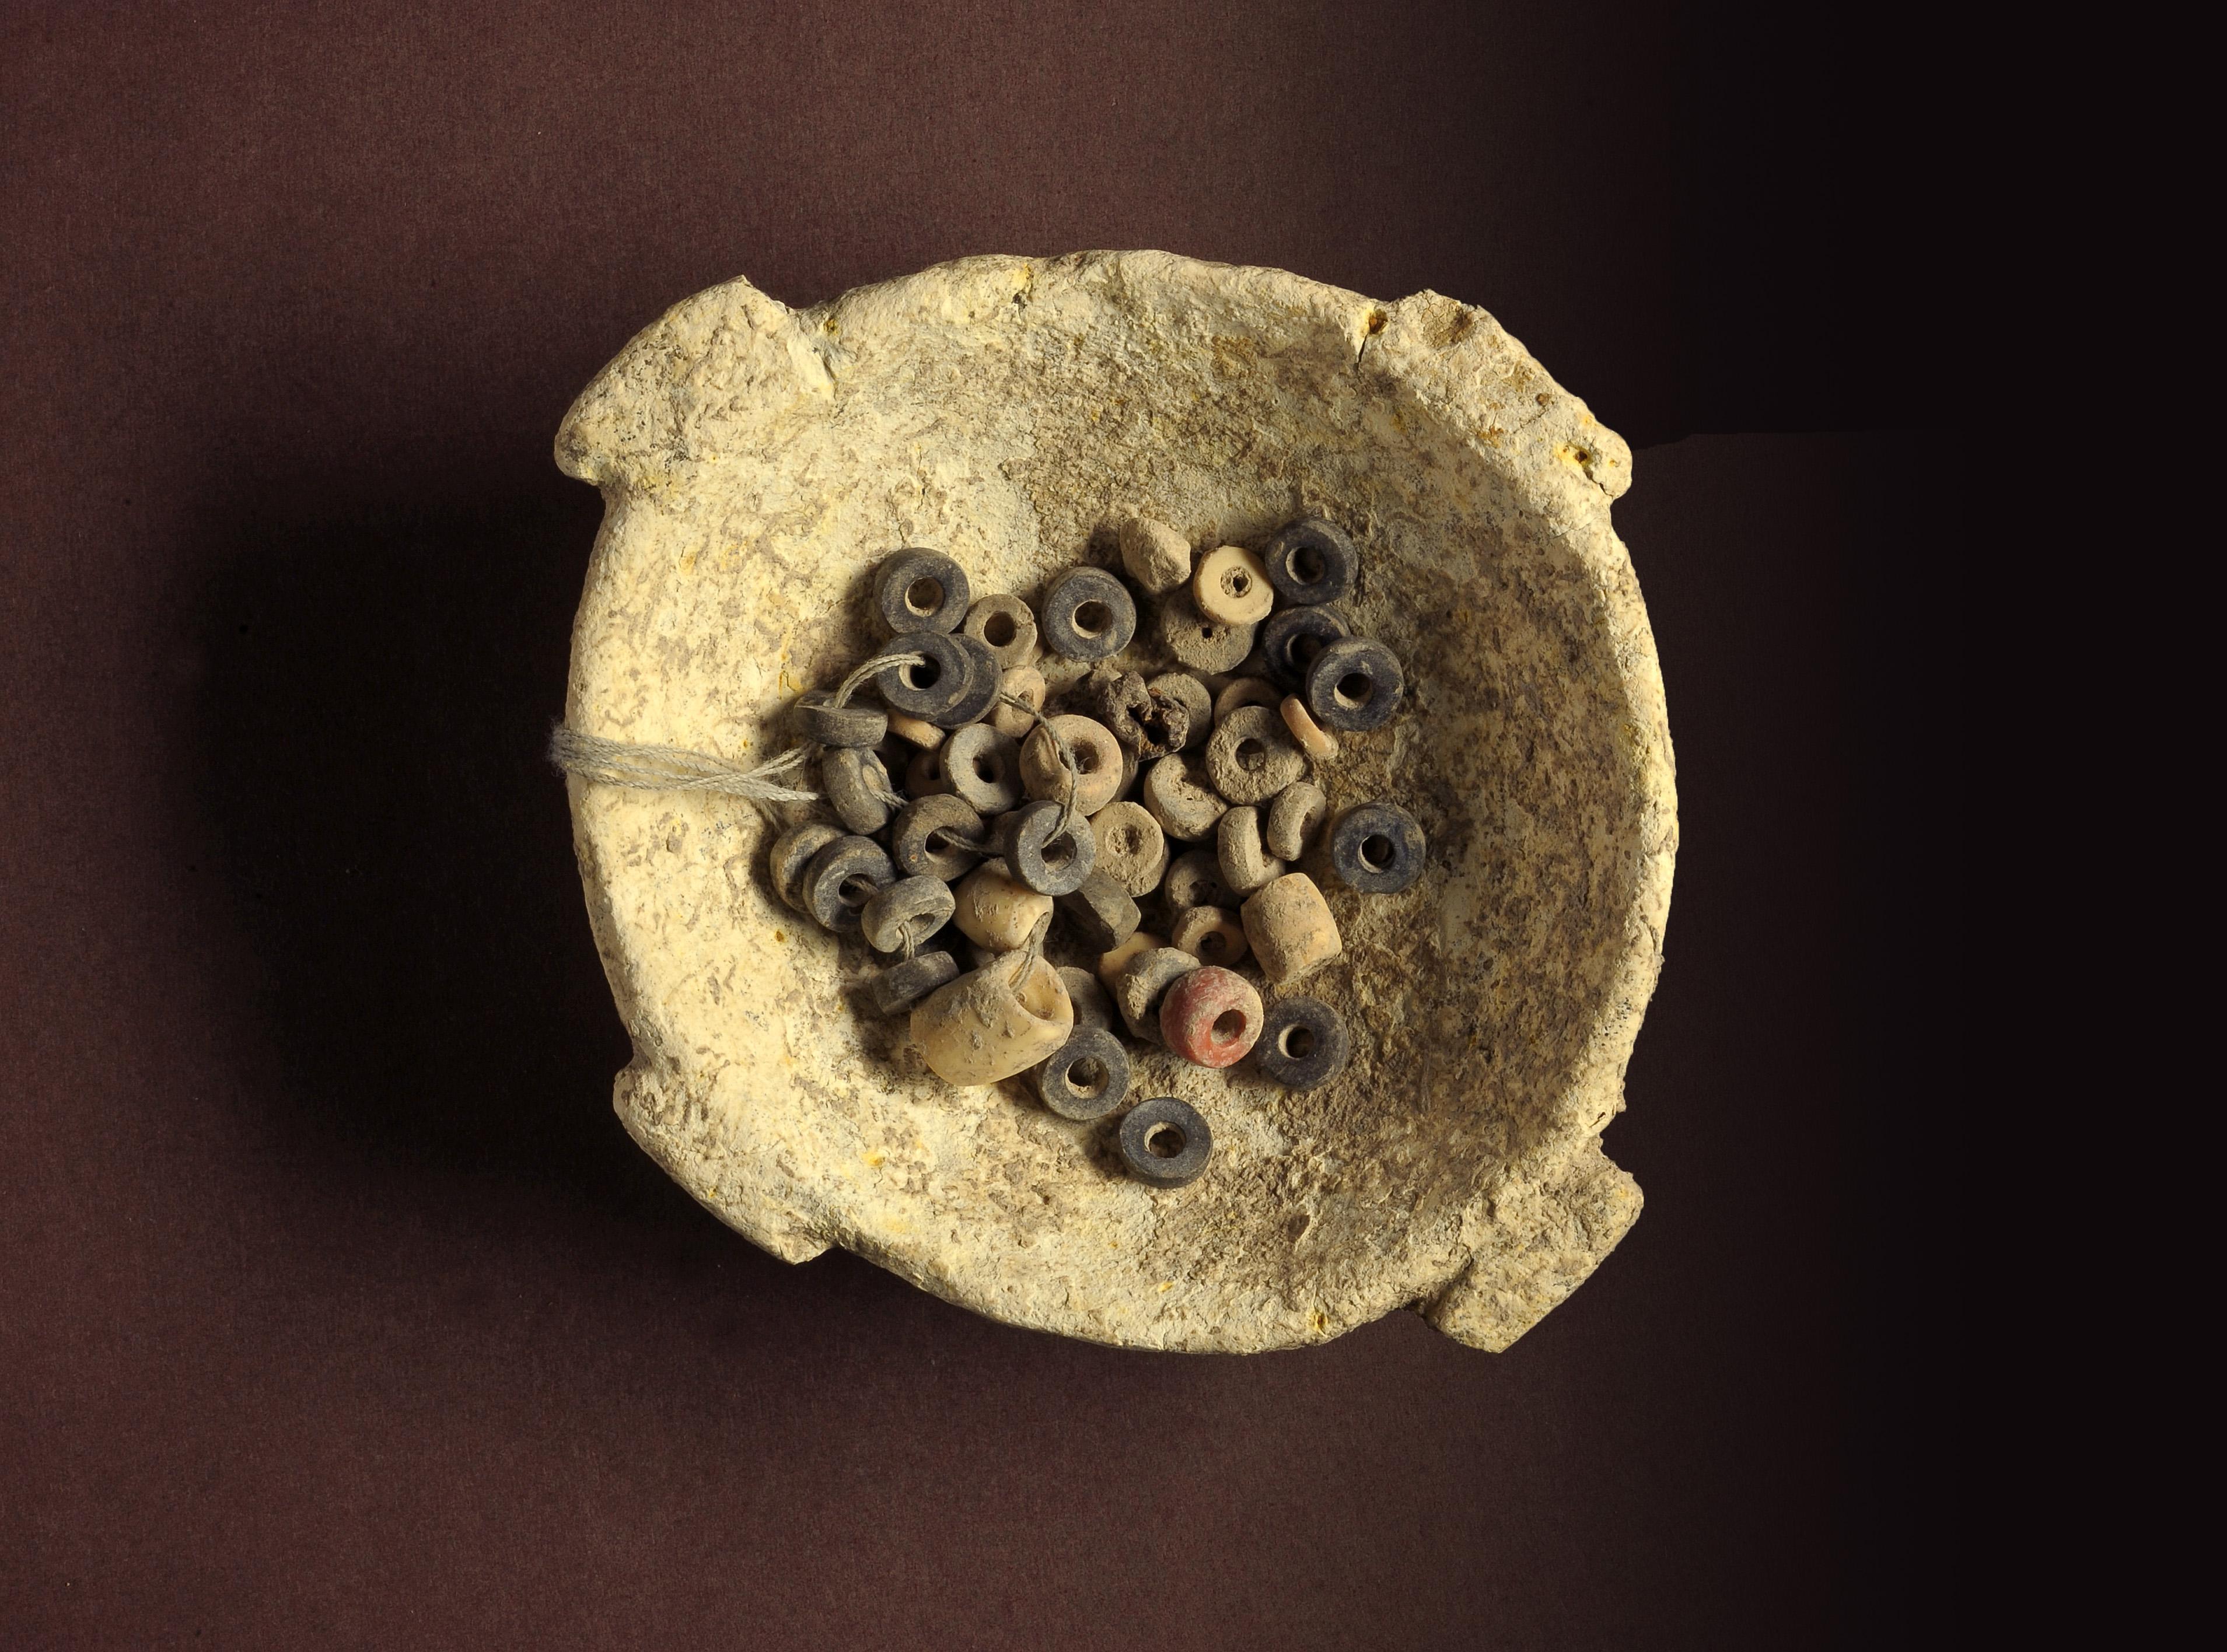 קערת אבן ובה חרוזים עתיקים שנמצאו בחפירות בעין ציפורי - צילום: קלרה עמית, רשות העתיקות